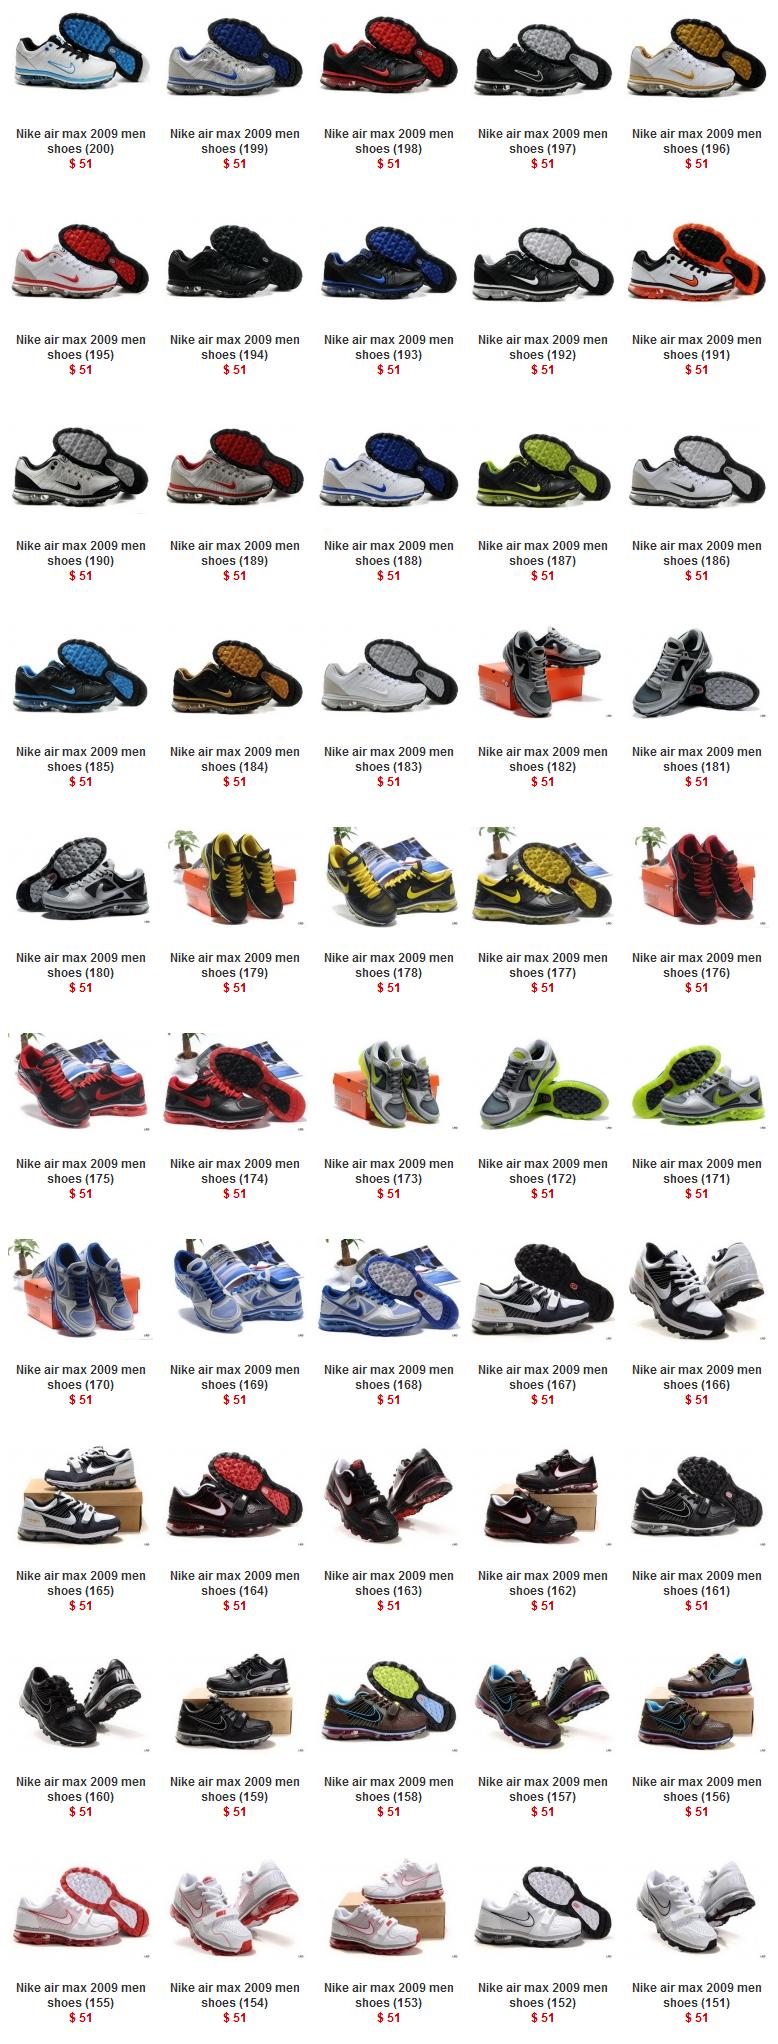 Max 2009 Air Us8 5 eu41 5 uk7 Nike uk7 Shoes Size Men BelowUs8 UGMVjLSzqp